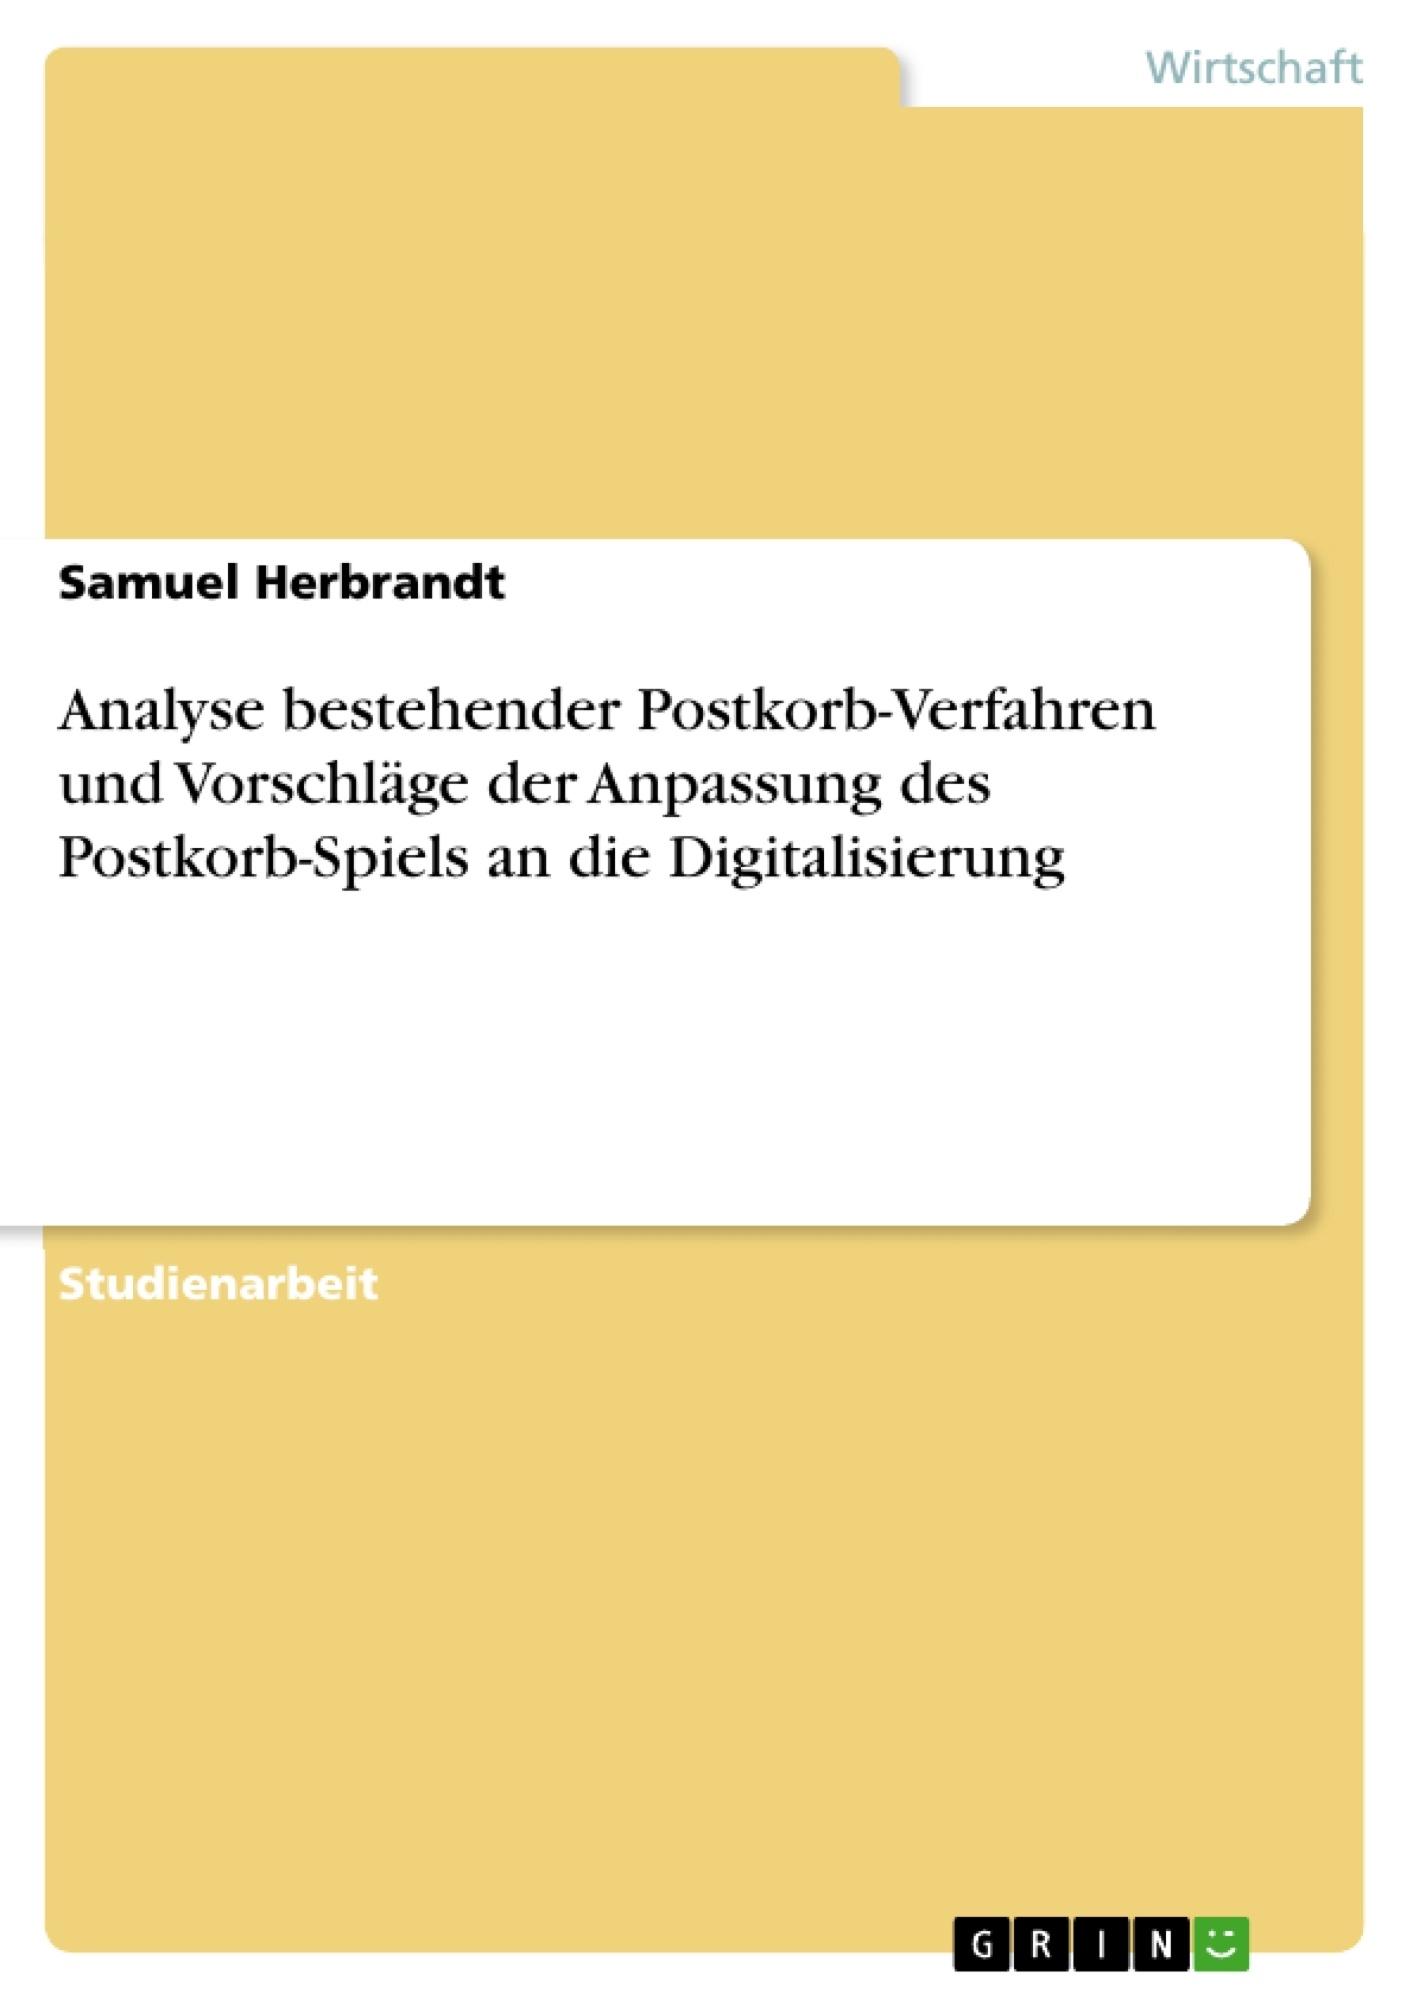 Titel: Analyse bestehender Postkorb-Verfahren und Vorschläge der Anpassung des Postkorb-Spiels an die Digitalisierung